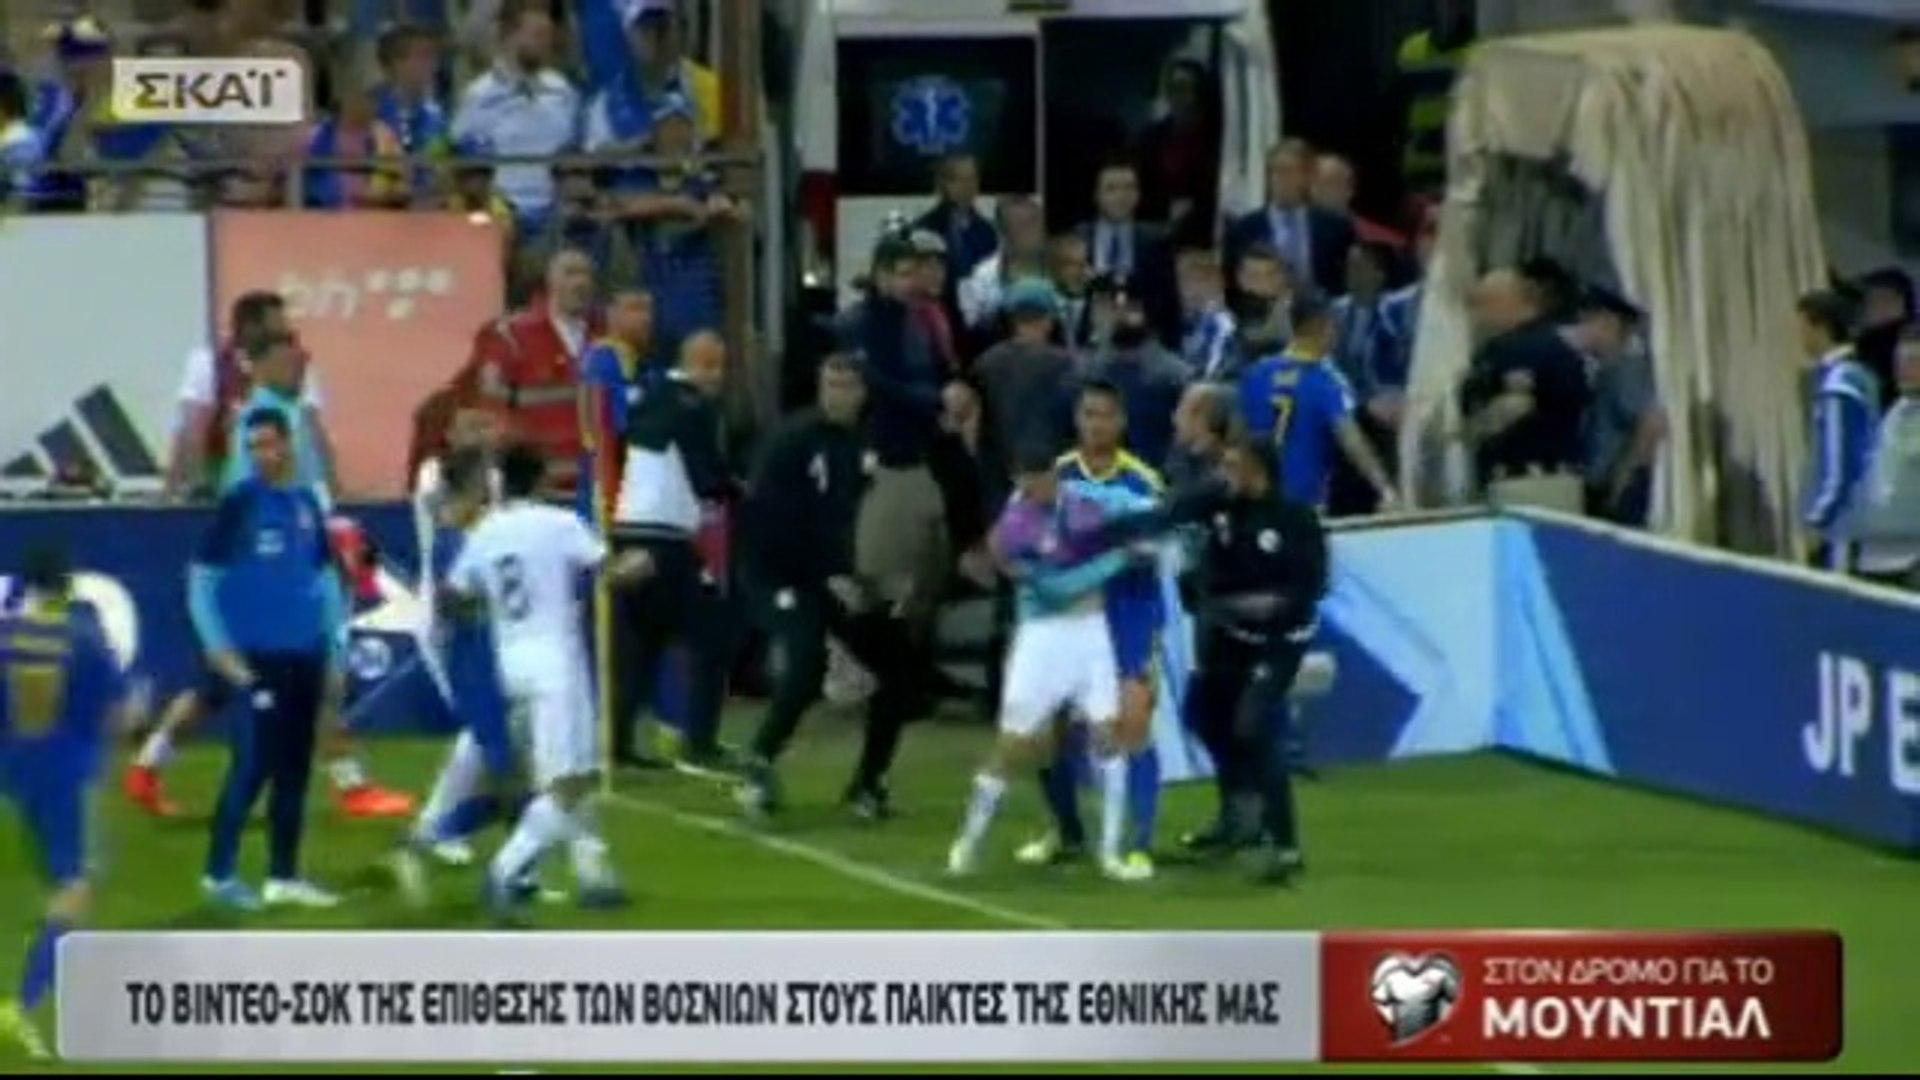 Mayhem in Zenica: Bosnian Asst Coach, Stephane Gilli punched Greek player G. Gianniotas